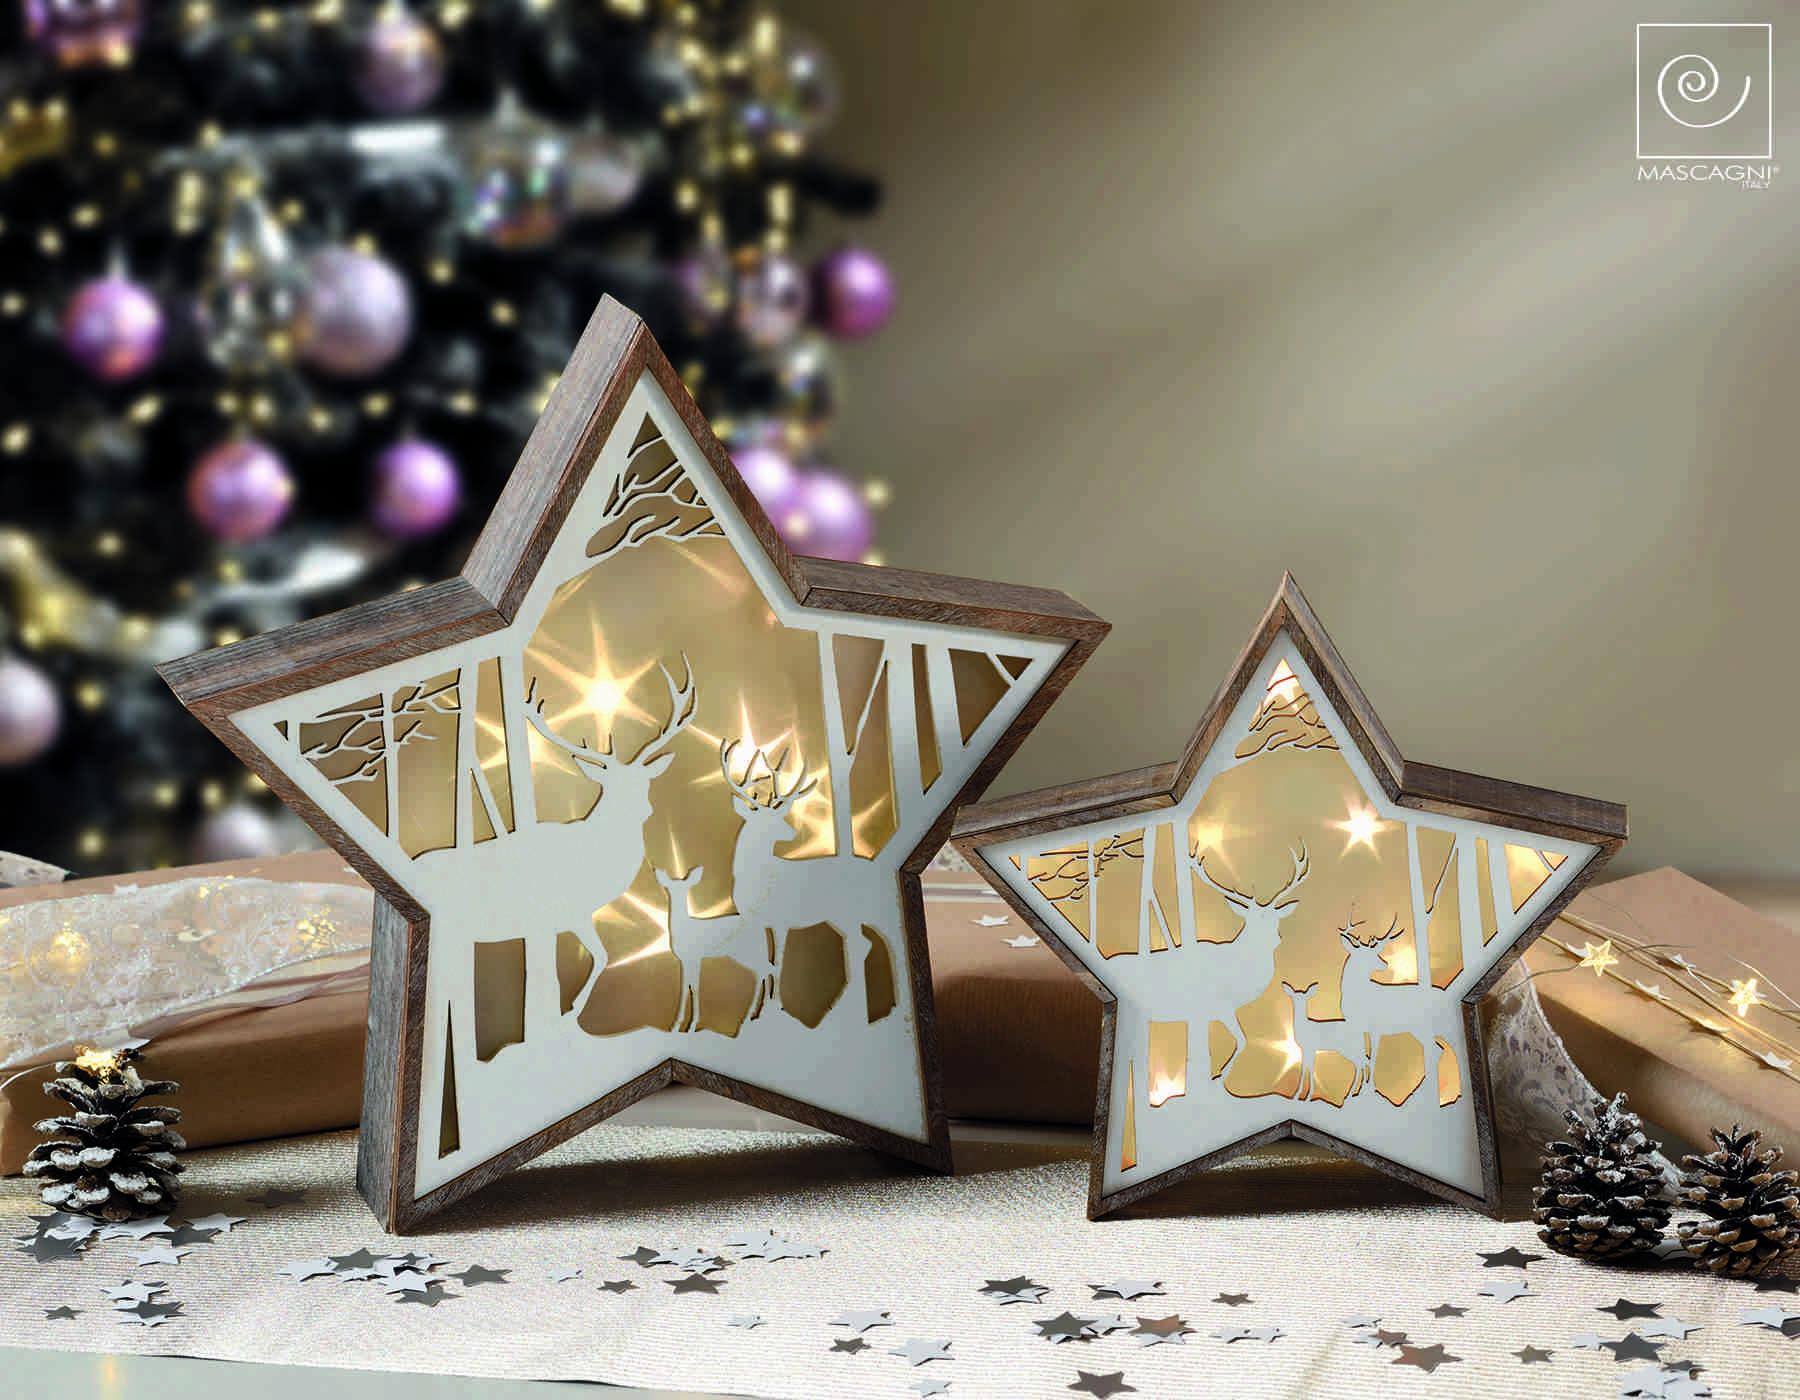 Decorazioni In Legno Natalizie : Mascagni natale stella in legno con decorazioni e luci a led